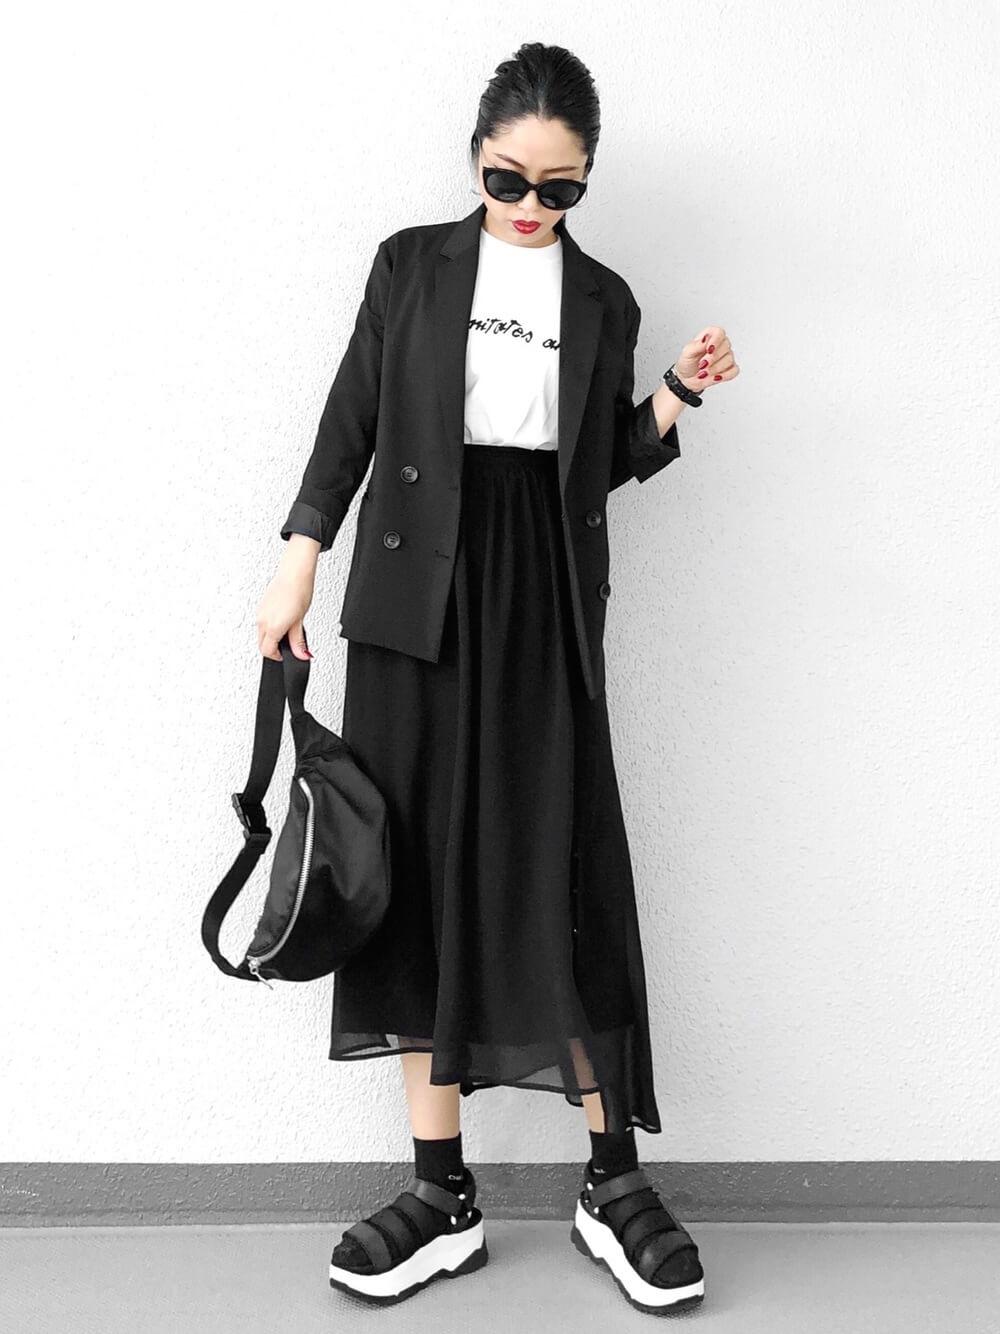 黒ジャケット×黒チュールスカートできちんとモード